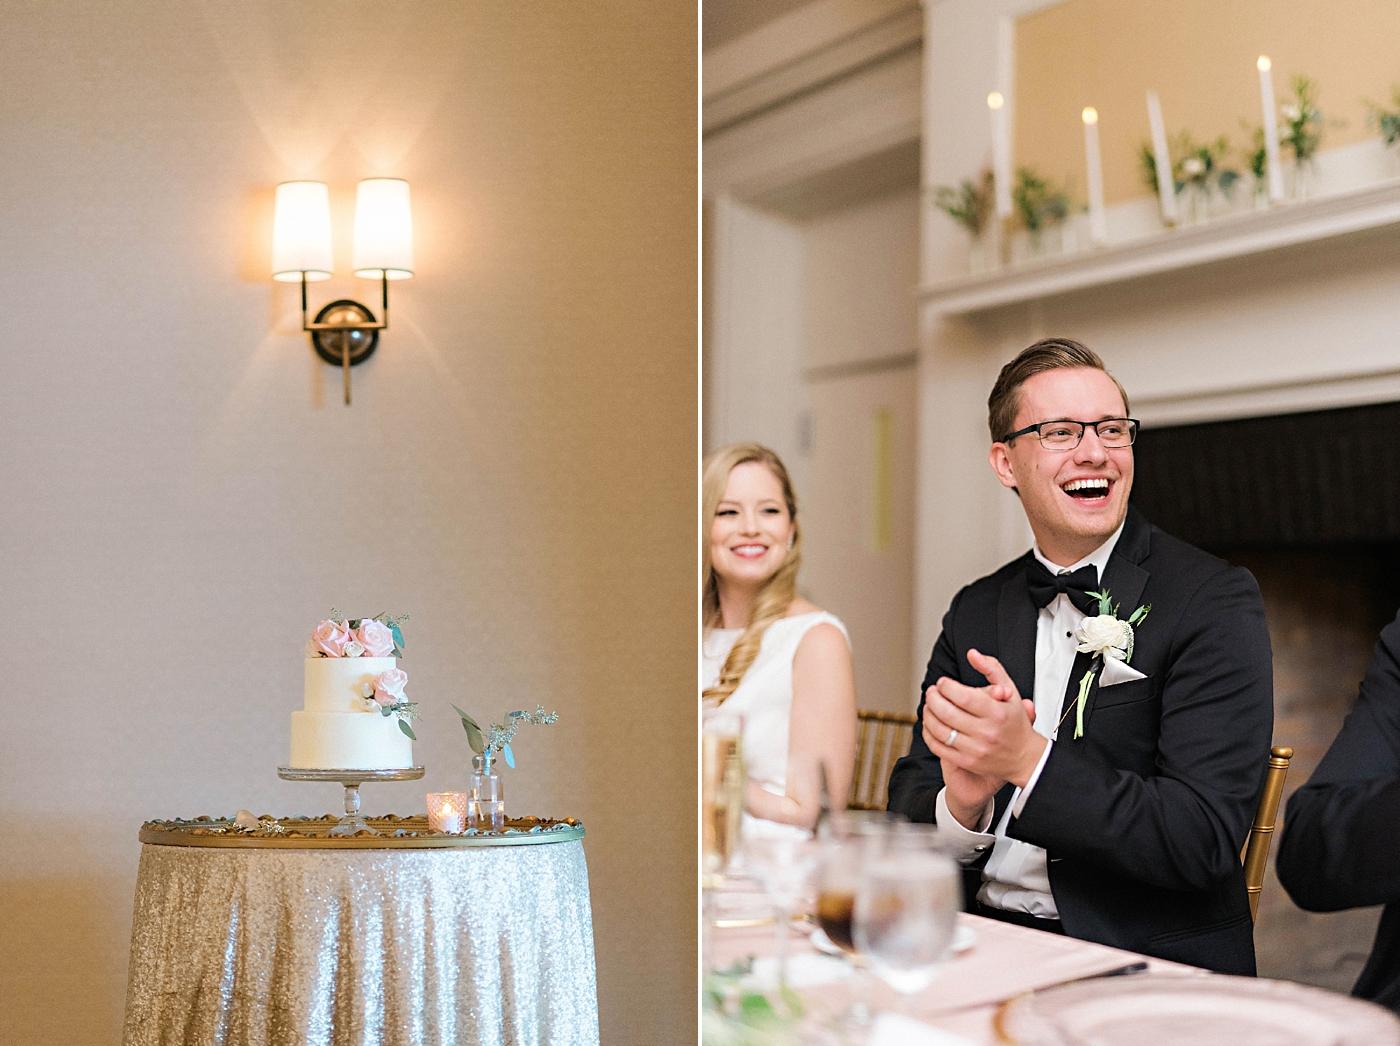 Halifax-Wedding-Photographer-New Brunswick Wedding- Nicolle & Ethan48.jpeg